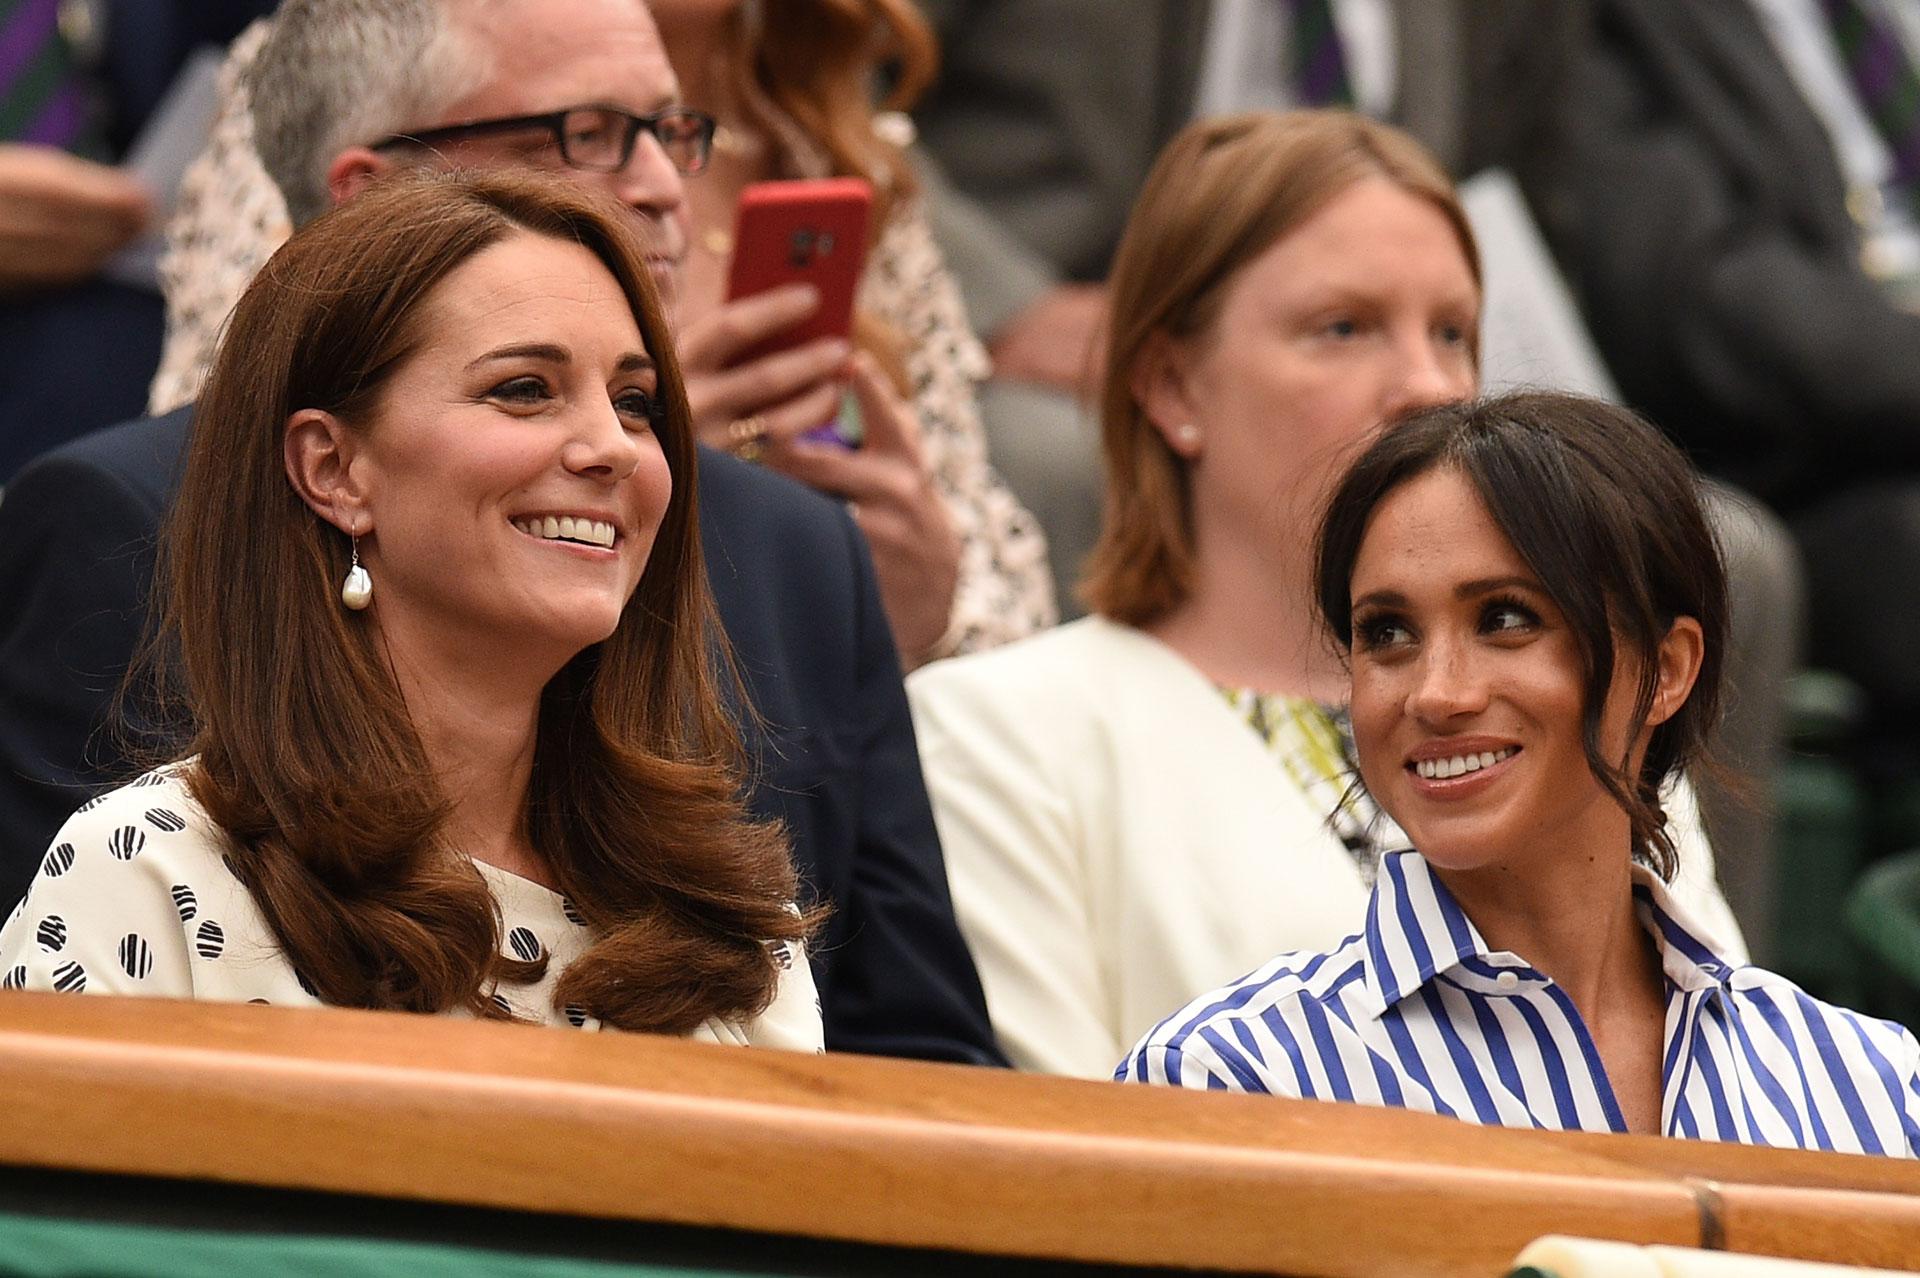 Kate y Meghan juntas en Wimbledon, cada una impuso su estilo, por un lado la formalidad de la esposa de William y por el otro el casual chic de la mujer de Harry